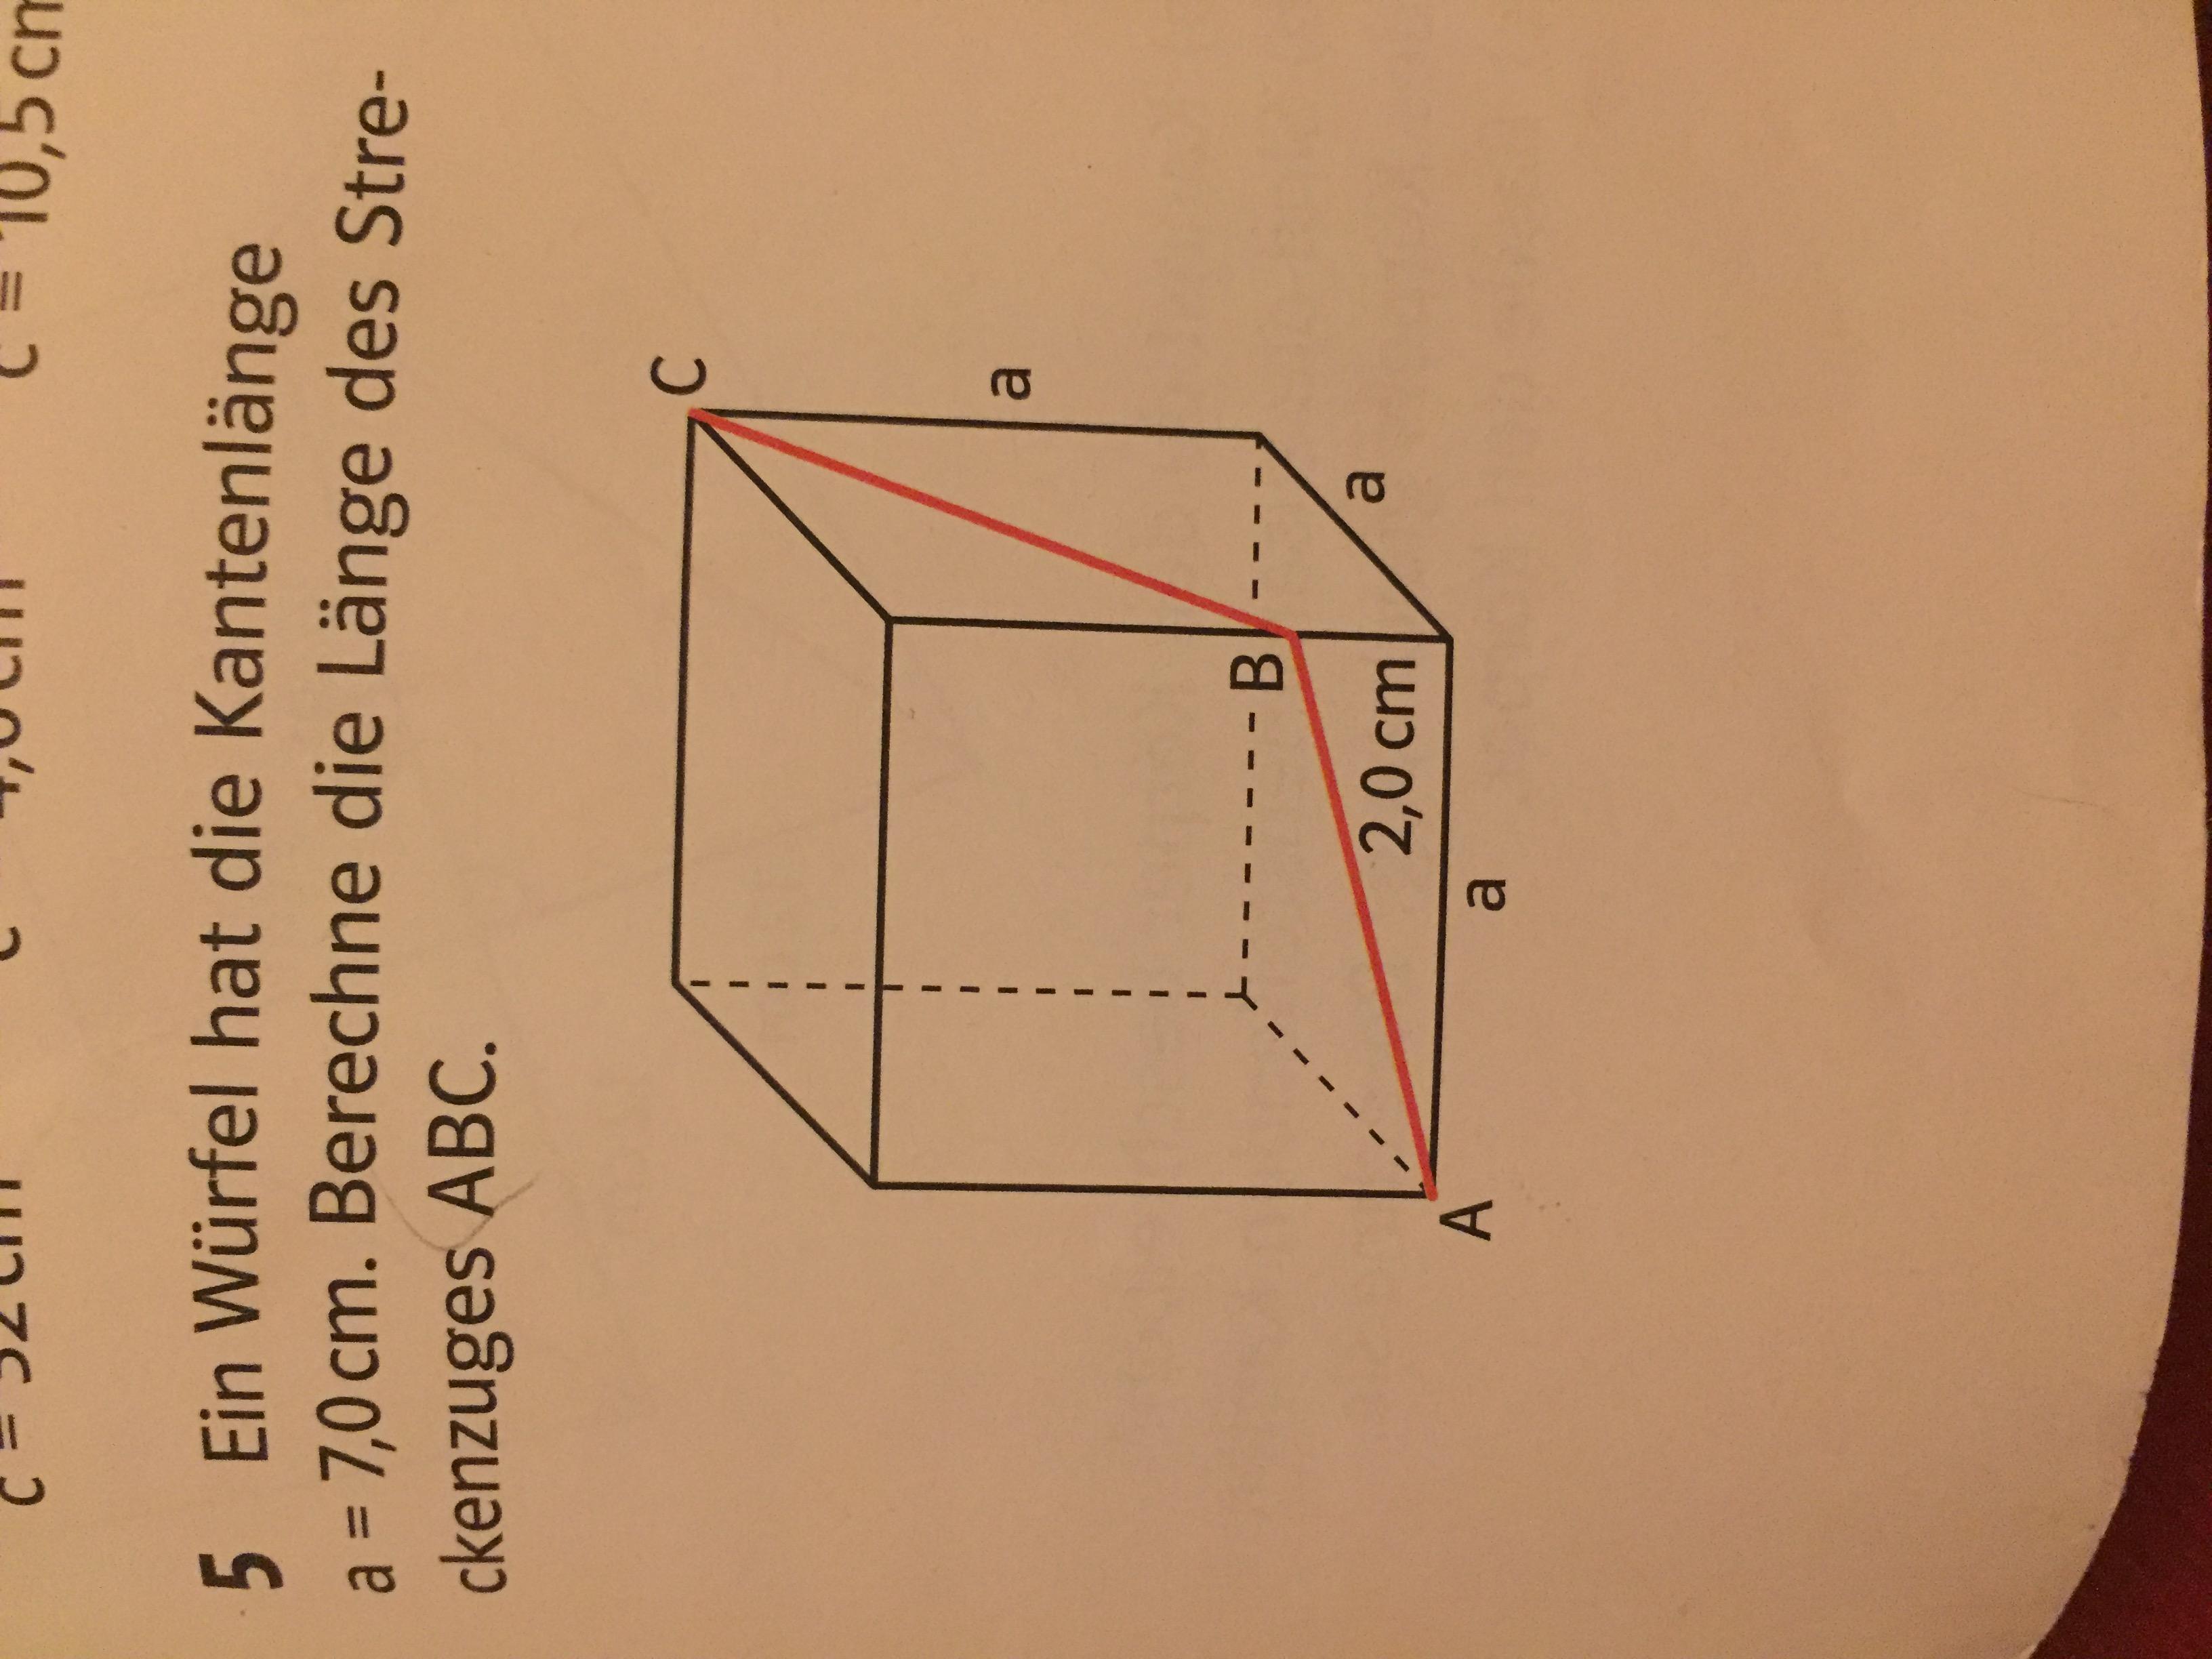 Mathearbeit morgen jedoch verstehe ich 2 Aufgaben noch nicht ...